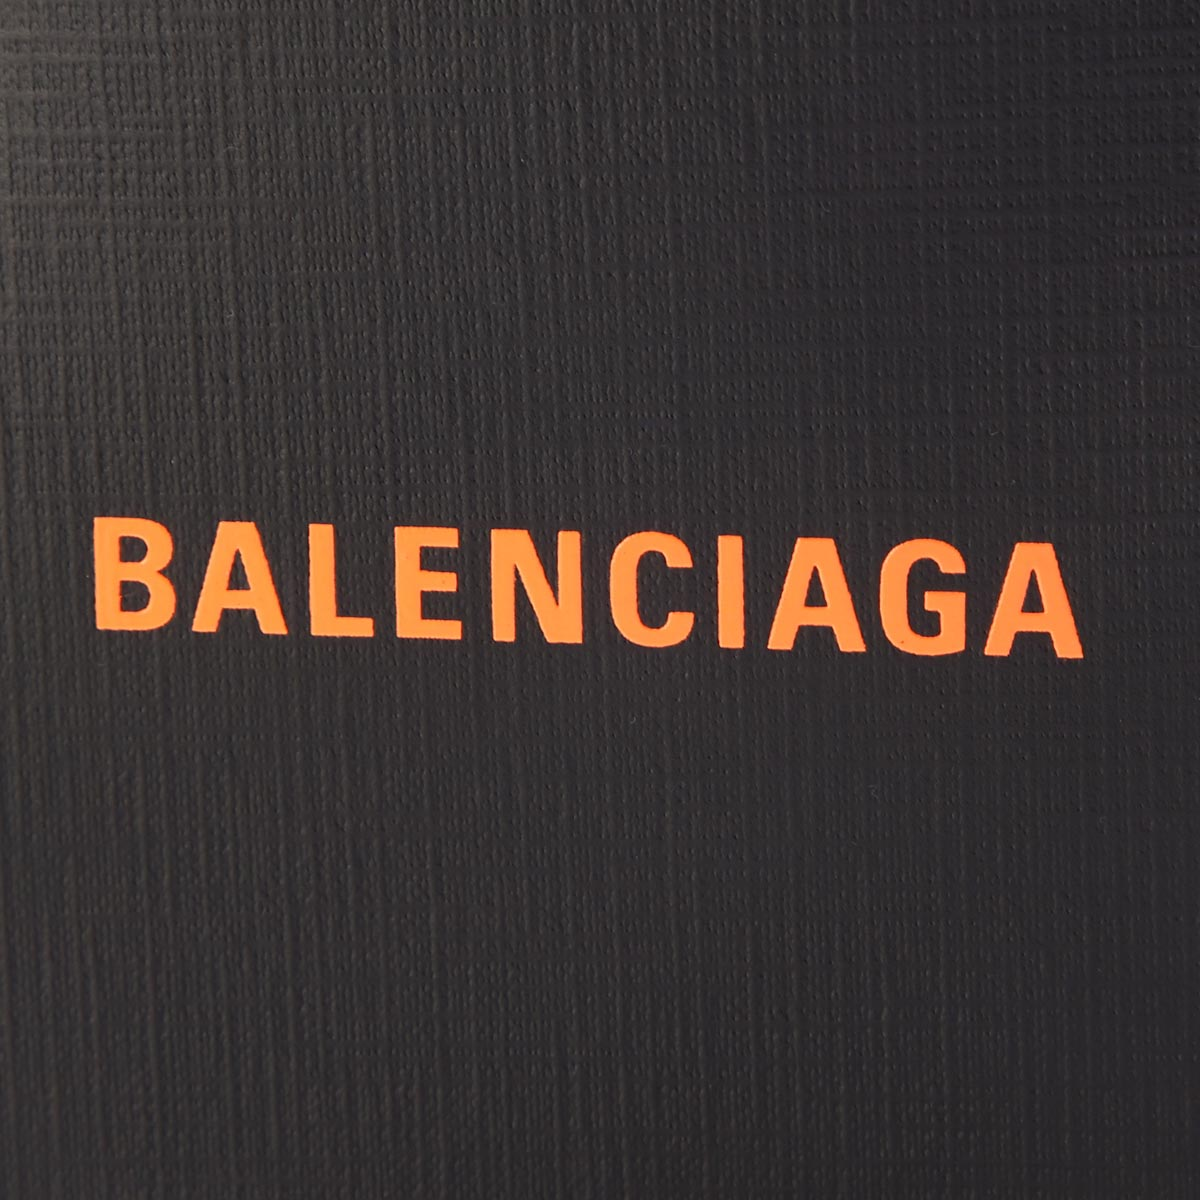 【大感謝祭】【アウトレット】BALENCIAGA バレンシアガ フォンホルダー/SHOPPING ショッピング フォンホルダー レディース